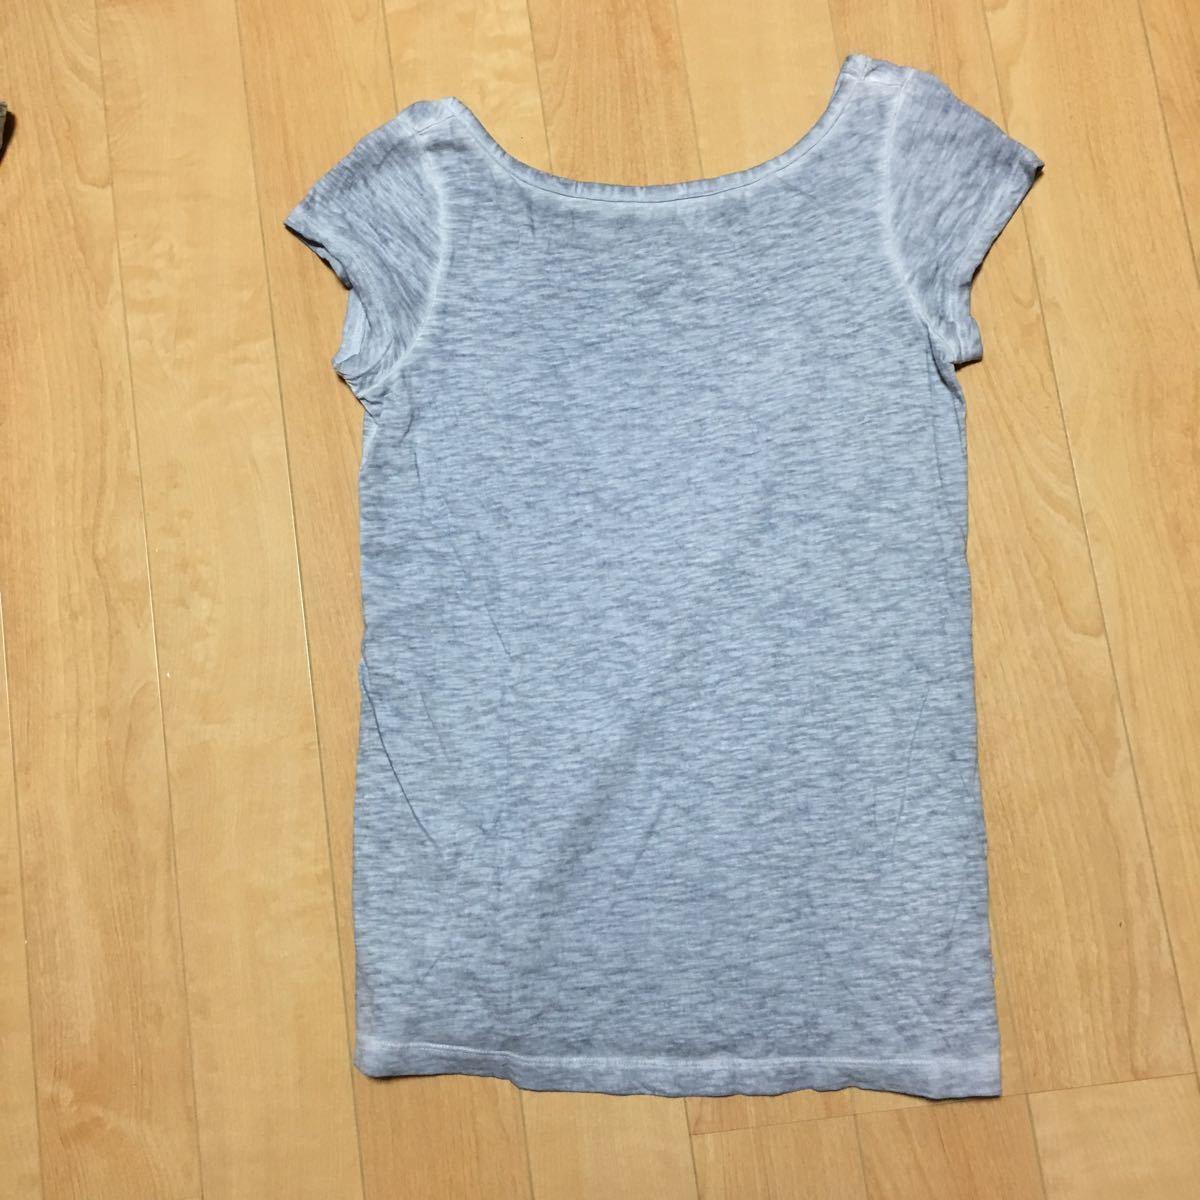 トップス カットソー 半袖Tシャツ 半袖 gap